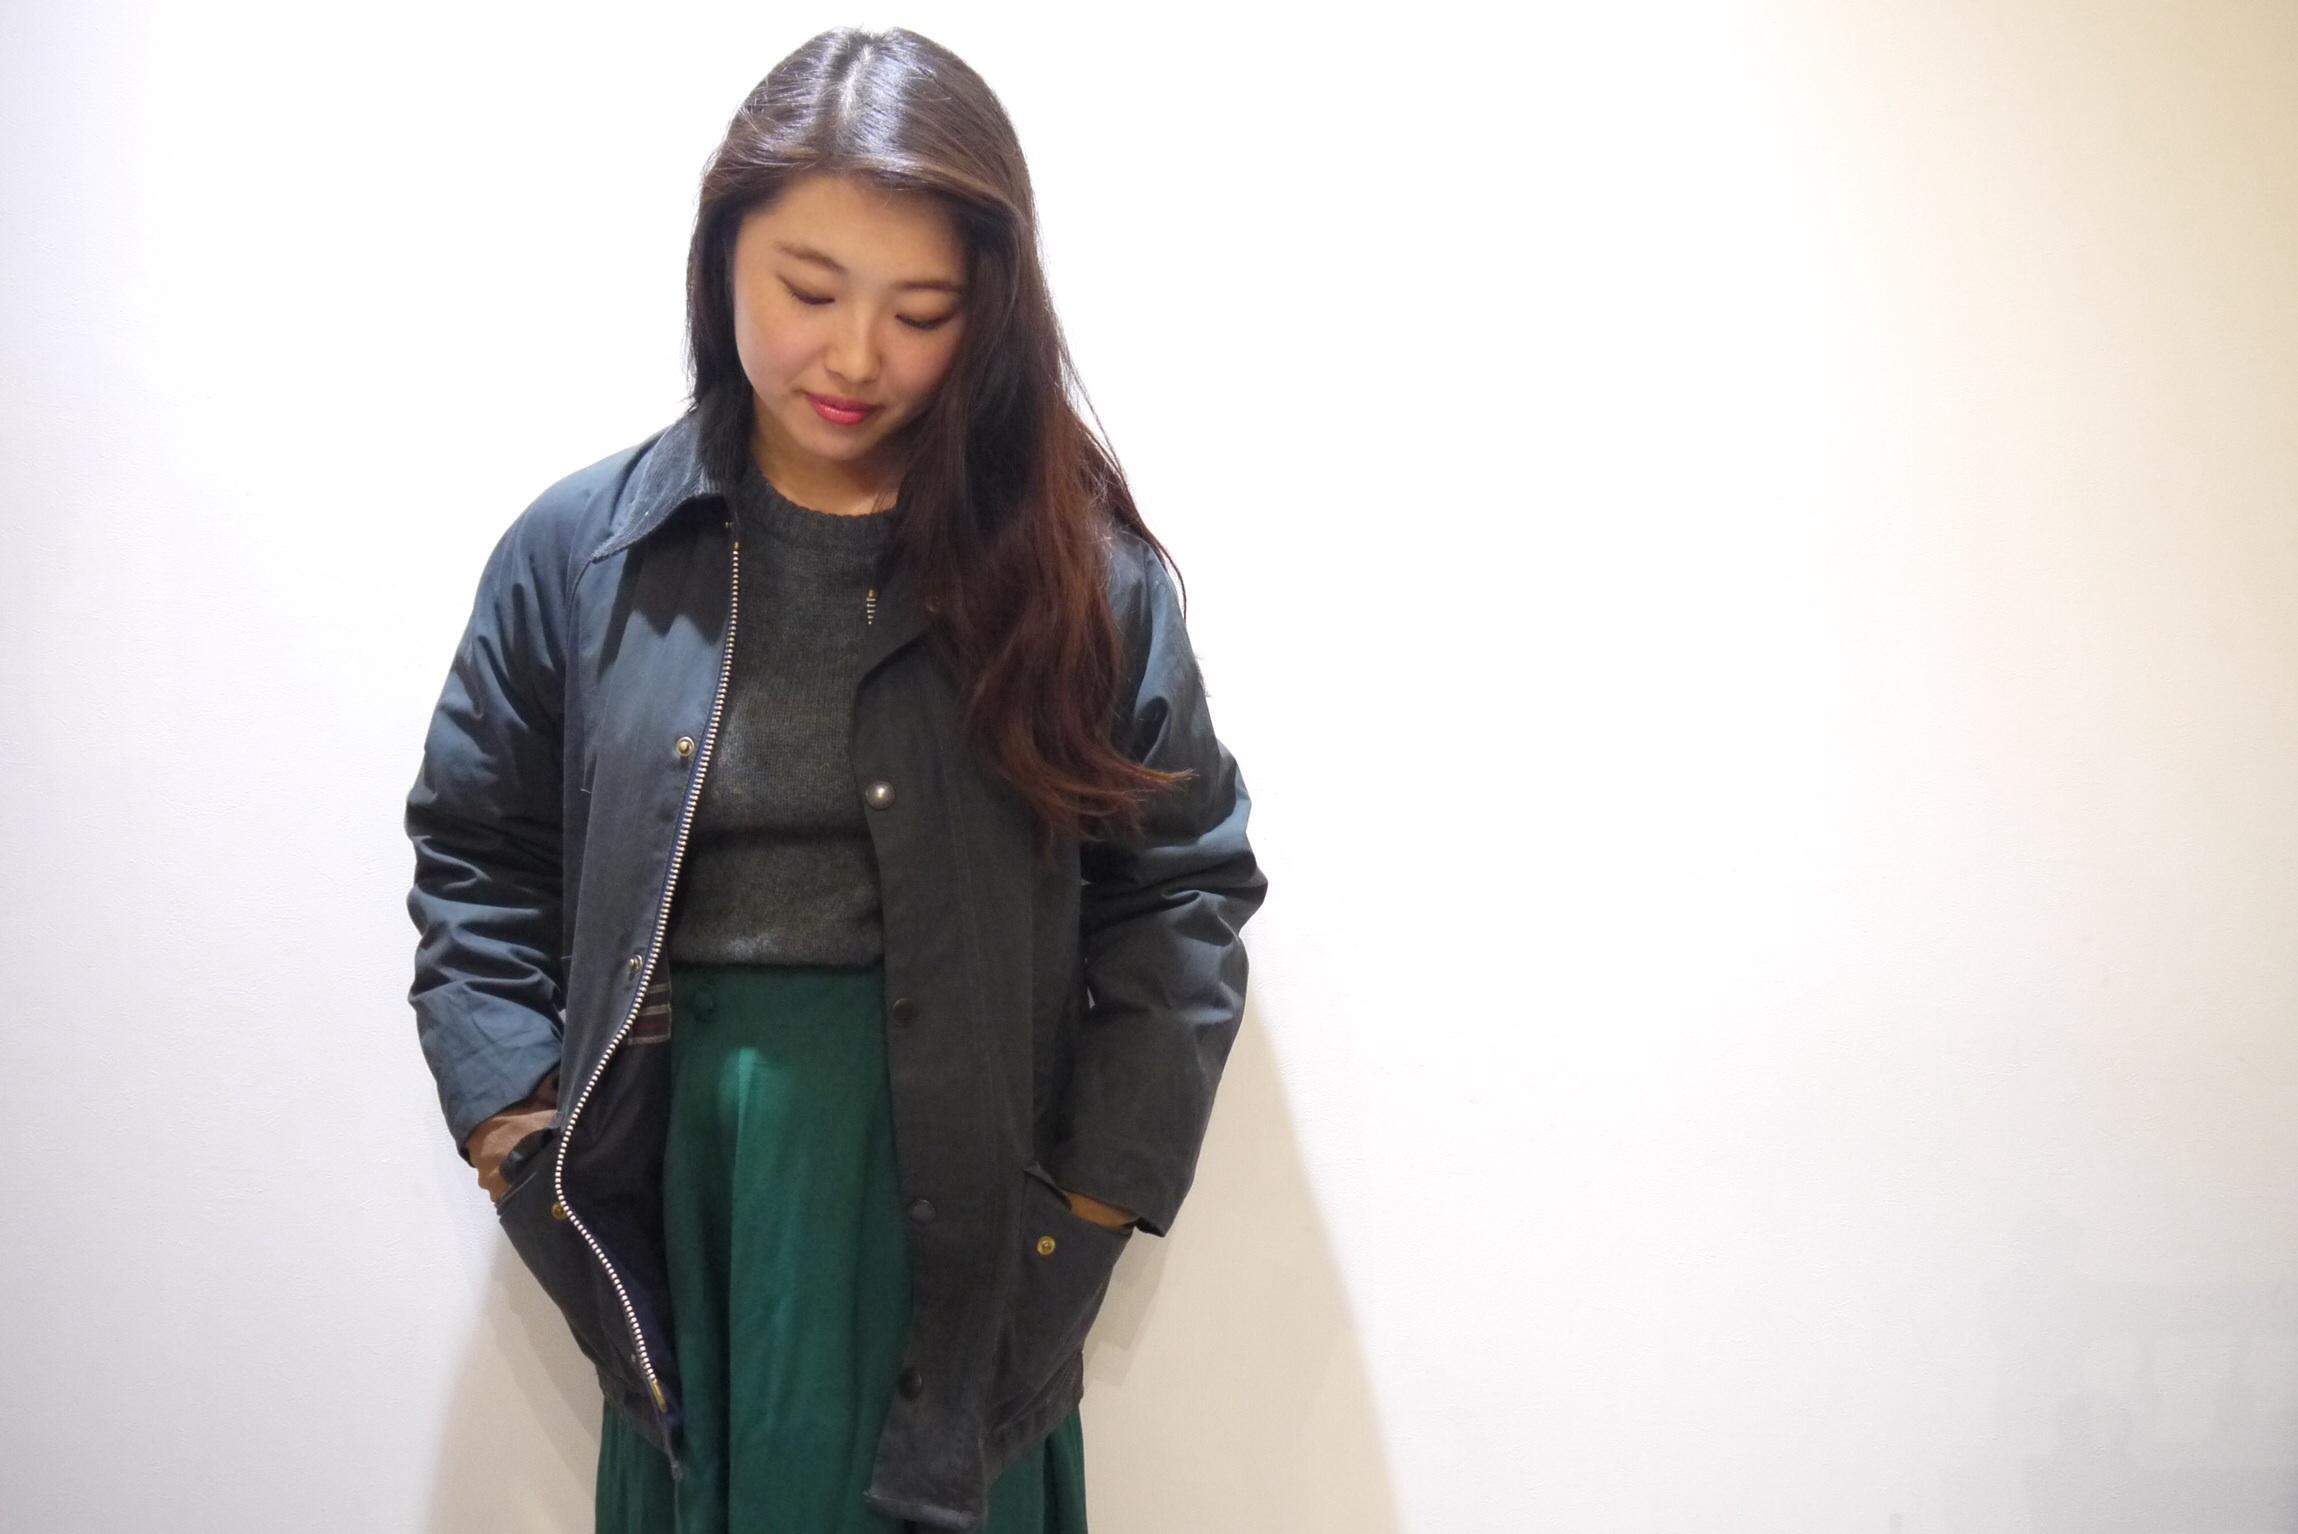 long skirt style_f0335217_10414265.jpg